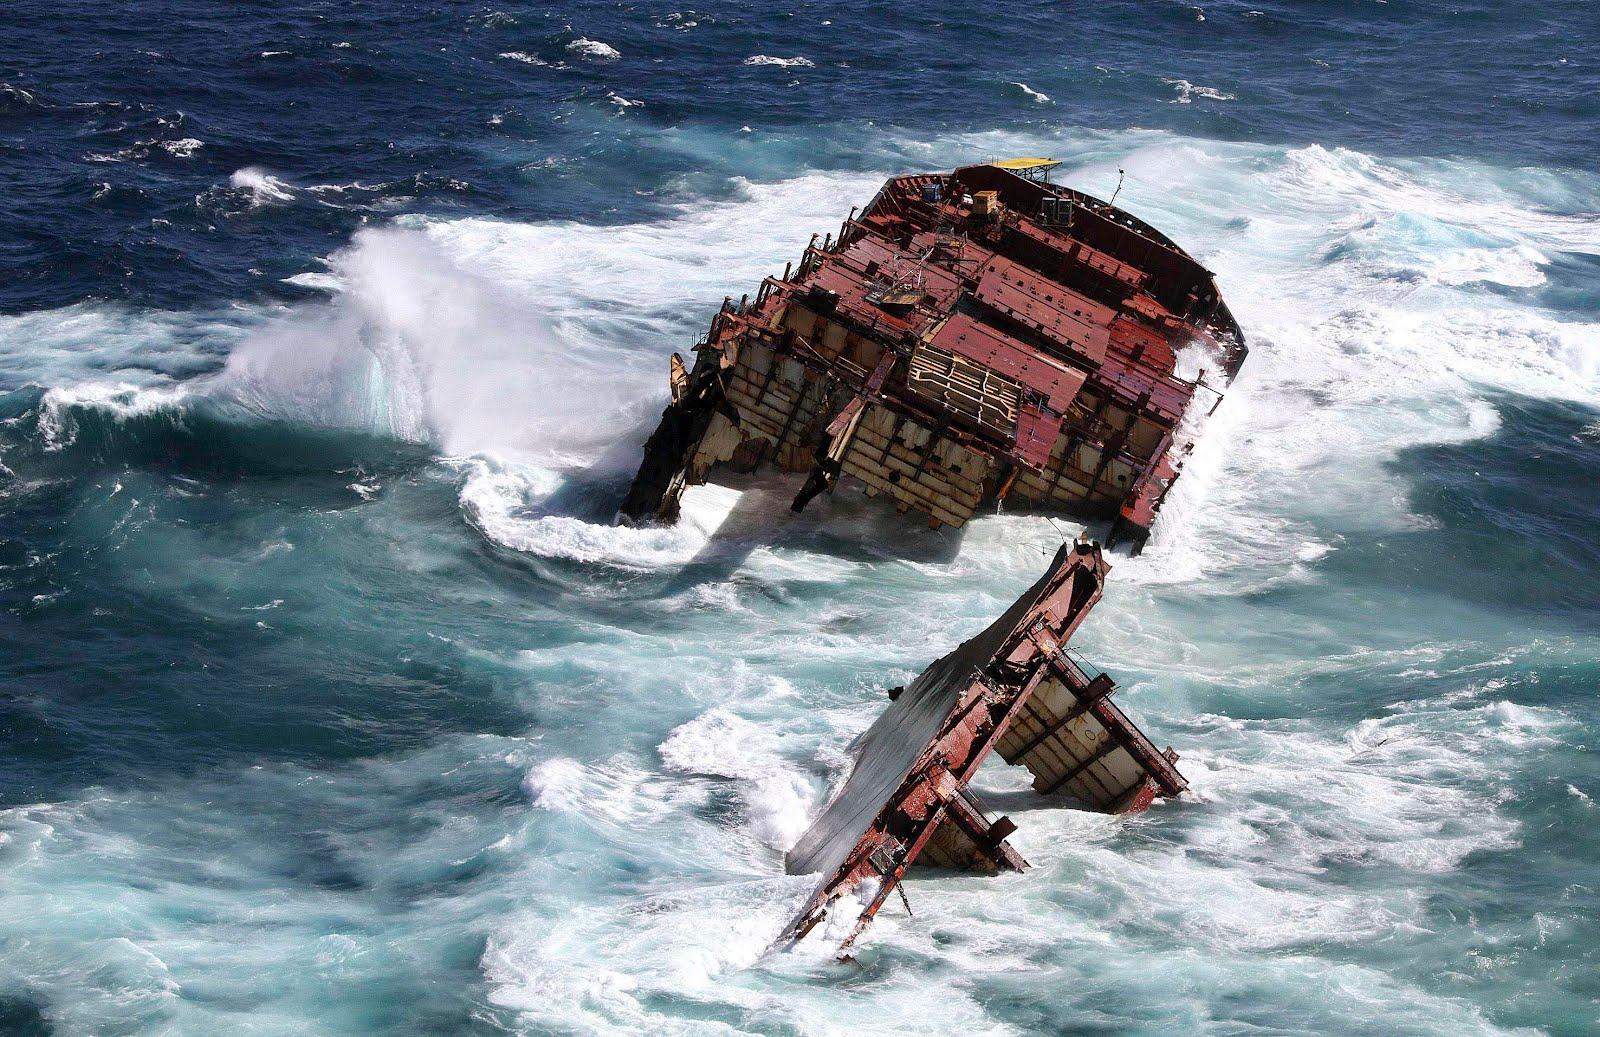 http://1.bp.blogspot.com/-tIzpAytxYig/T6GKxrO3fnI/AAAAAAAADE8/LGo7foExaYU/s1600/Jerusalem-News-Photos_New-Zealand-cargo-ship-disaster_-785694.png